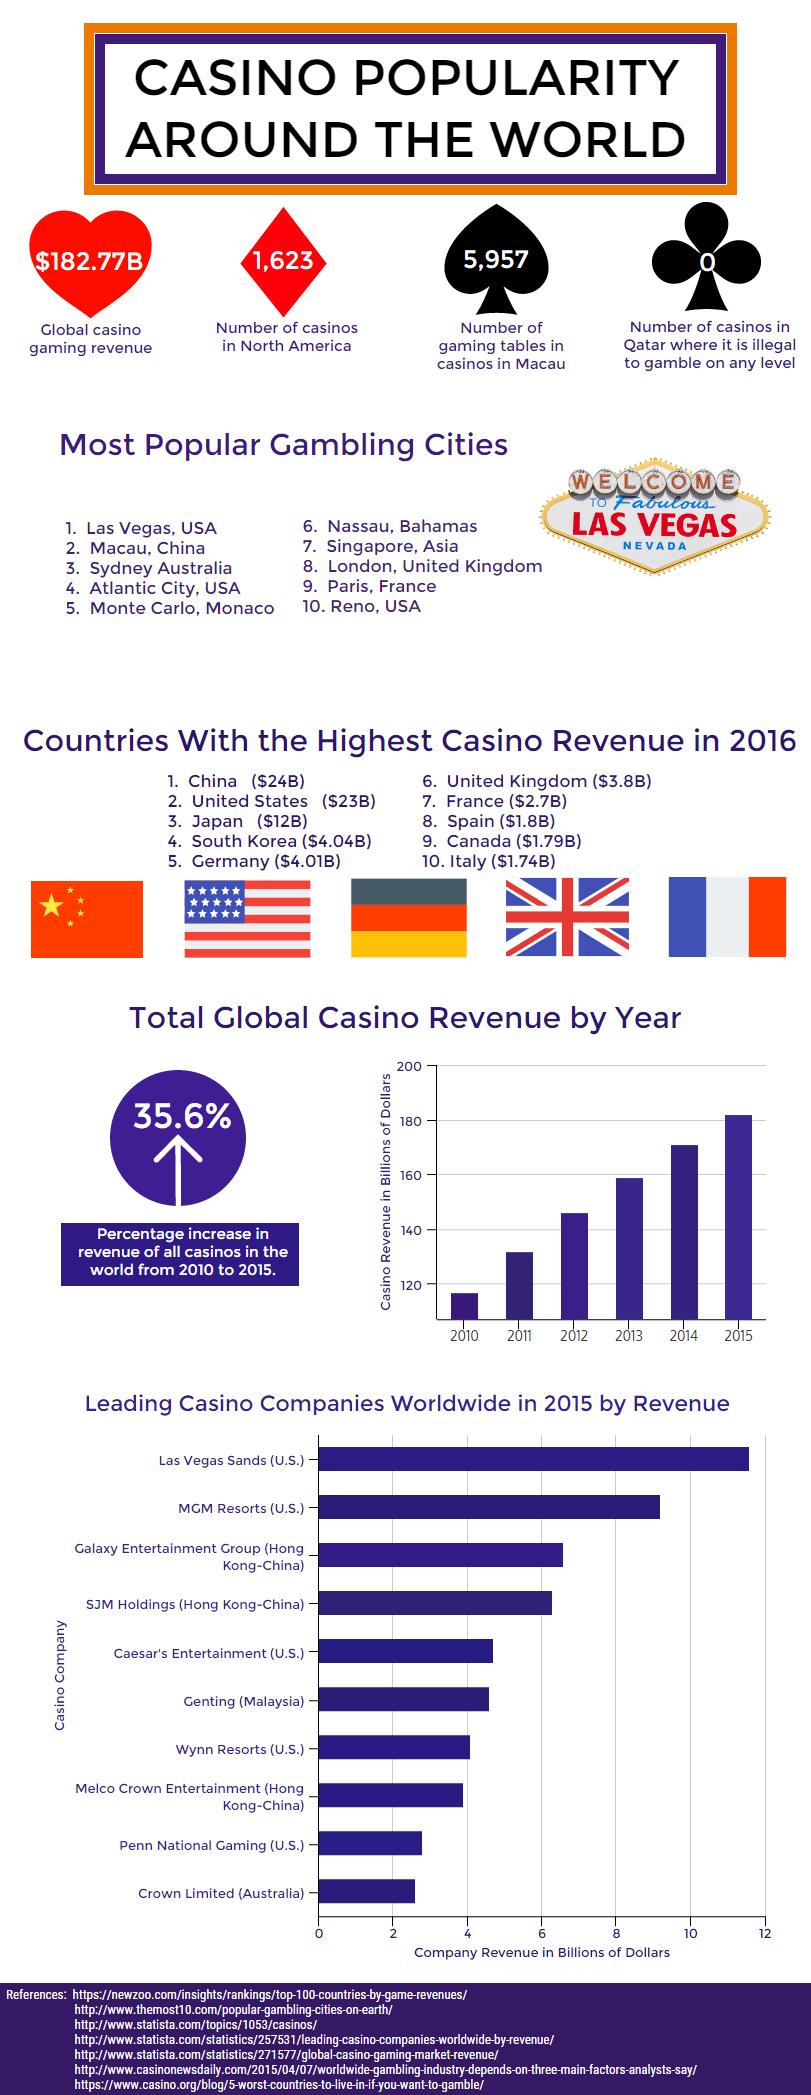 Casino Popularity Around The World infographic